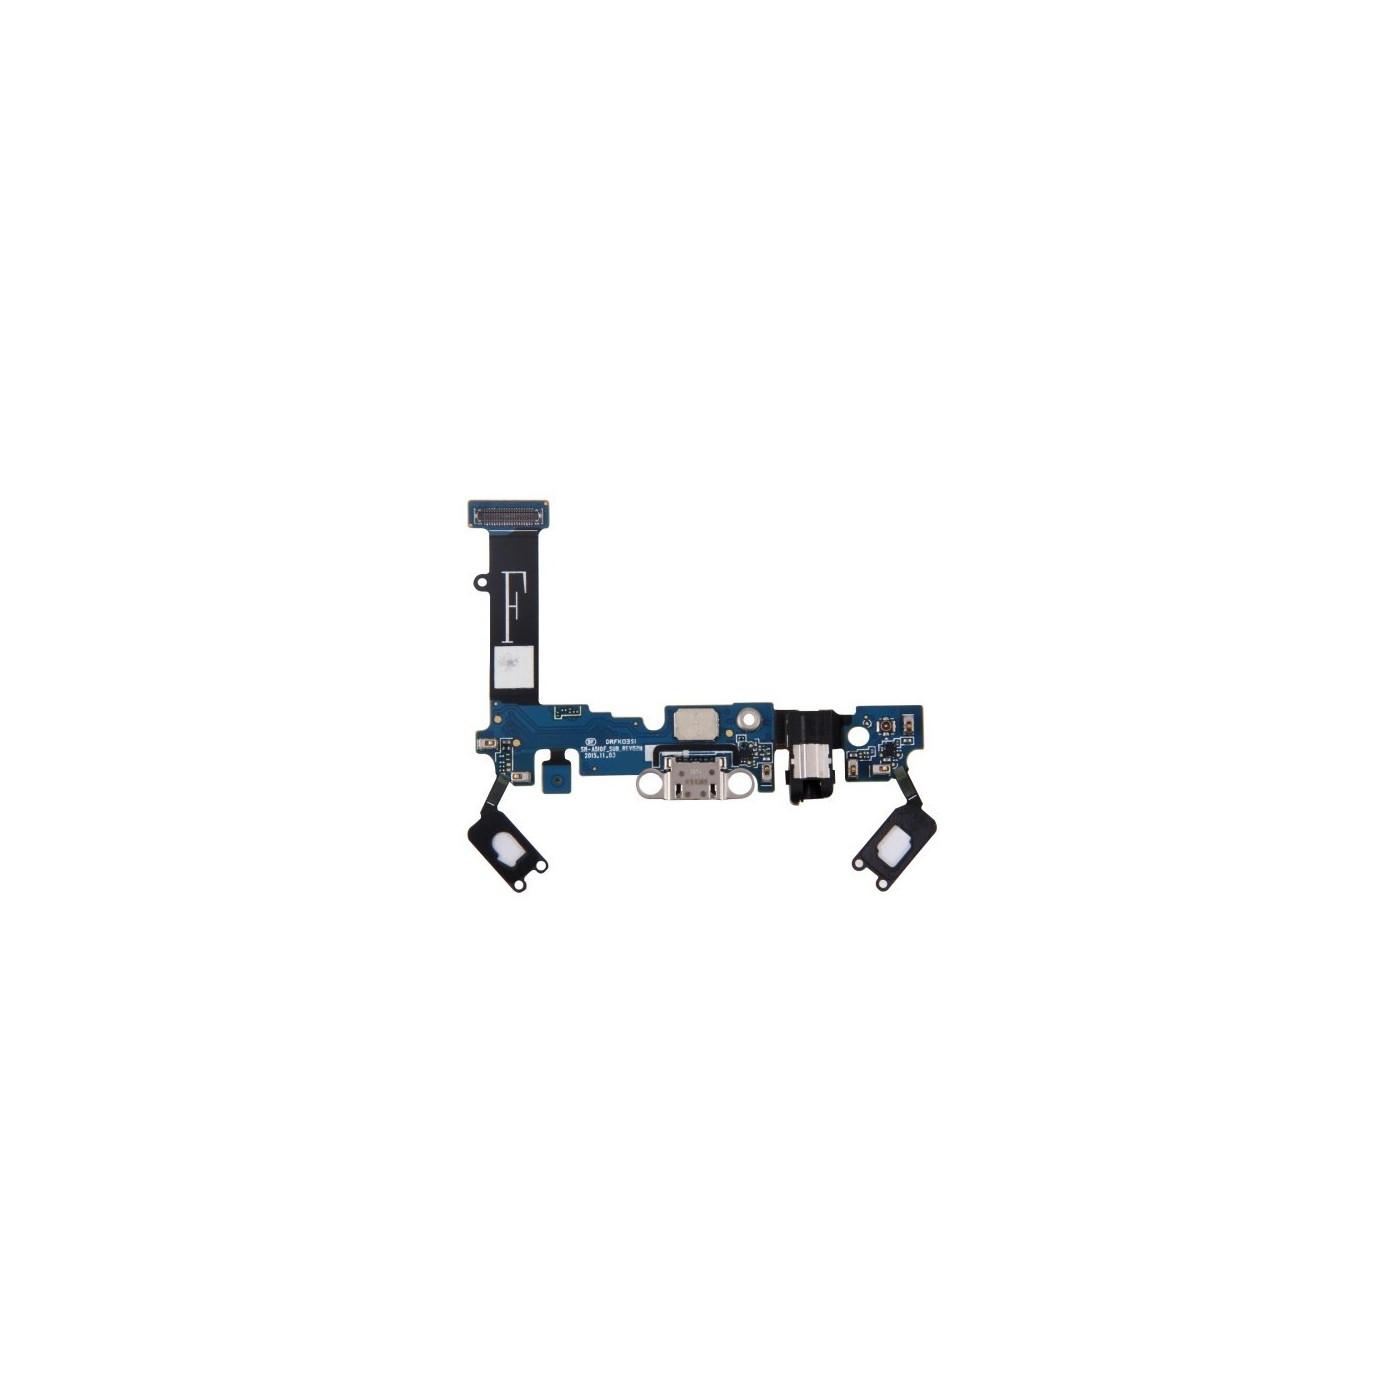 Connecteur de charge plat pour Samsung Galaxy A5 2016 / A510F